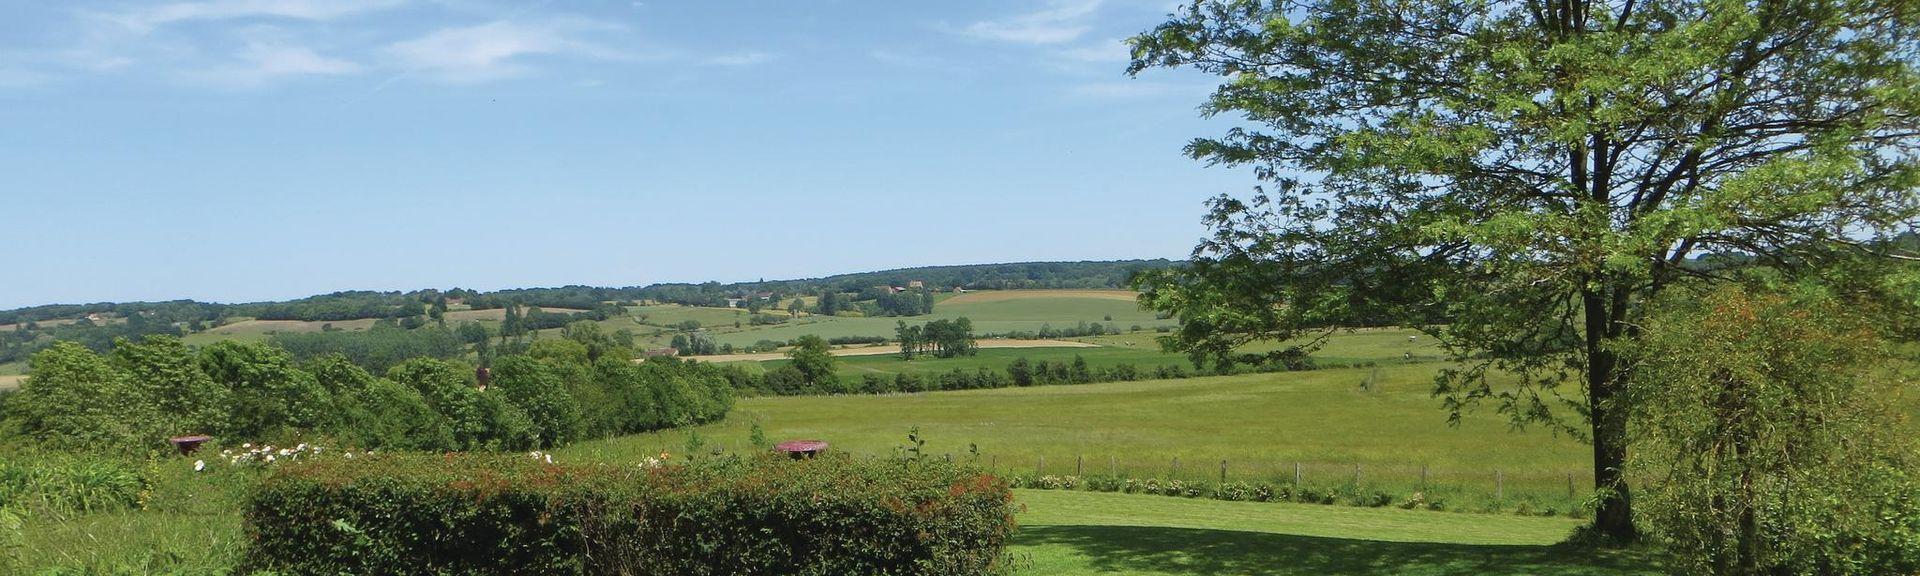 Saint-Symphorien, Sarthe, France